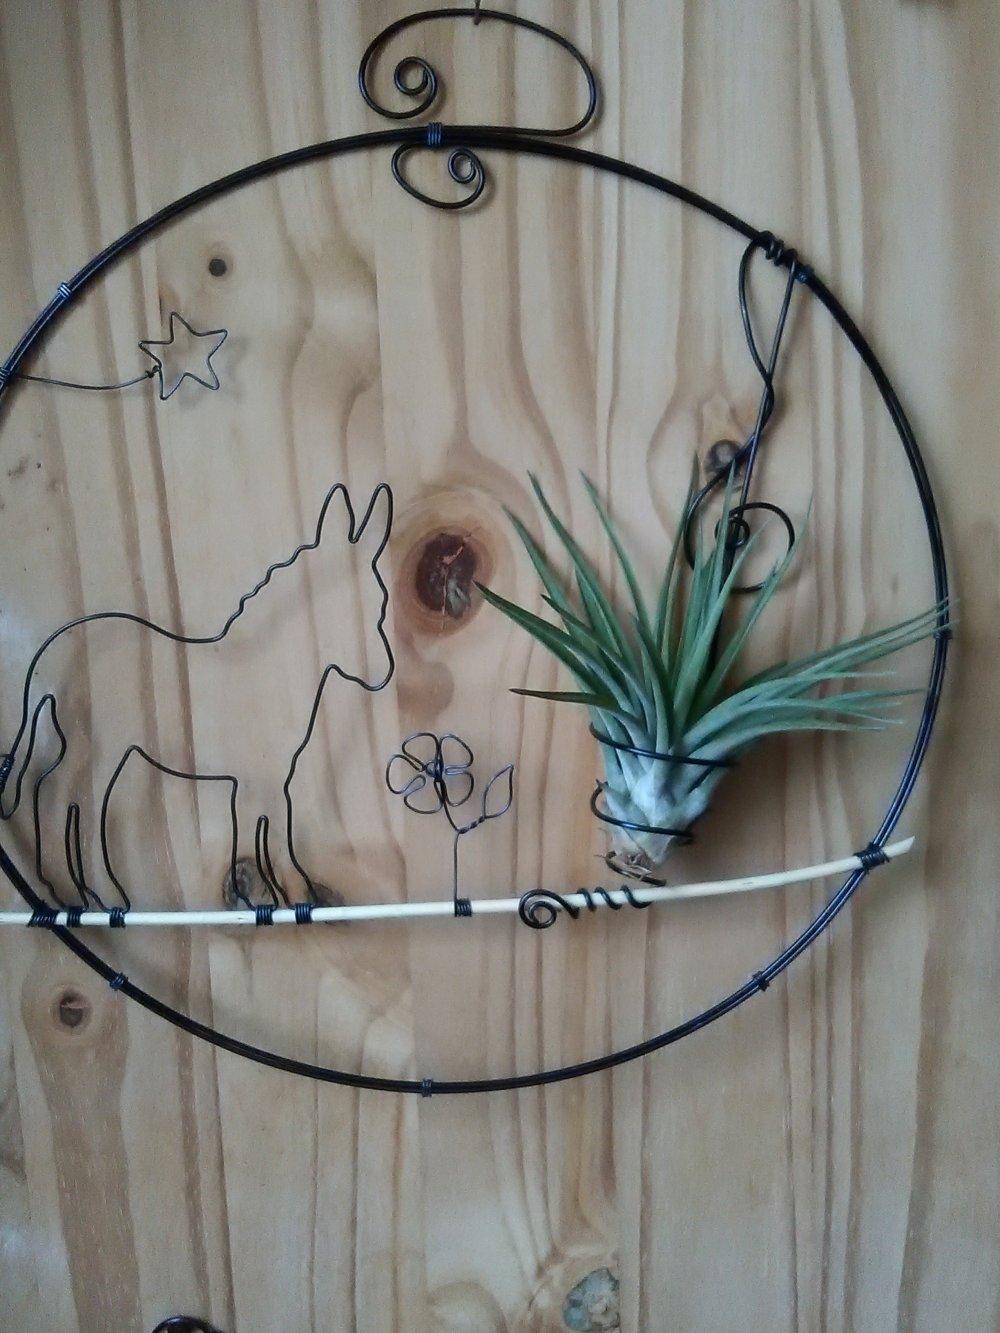 Les Filles De L Air Plante tillandsia ° décoration fil de fer ° décoration âne ° plante épiphyte °  fille de l'air